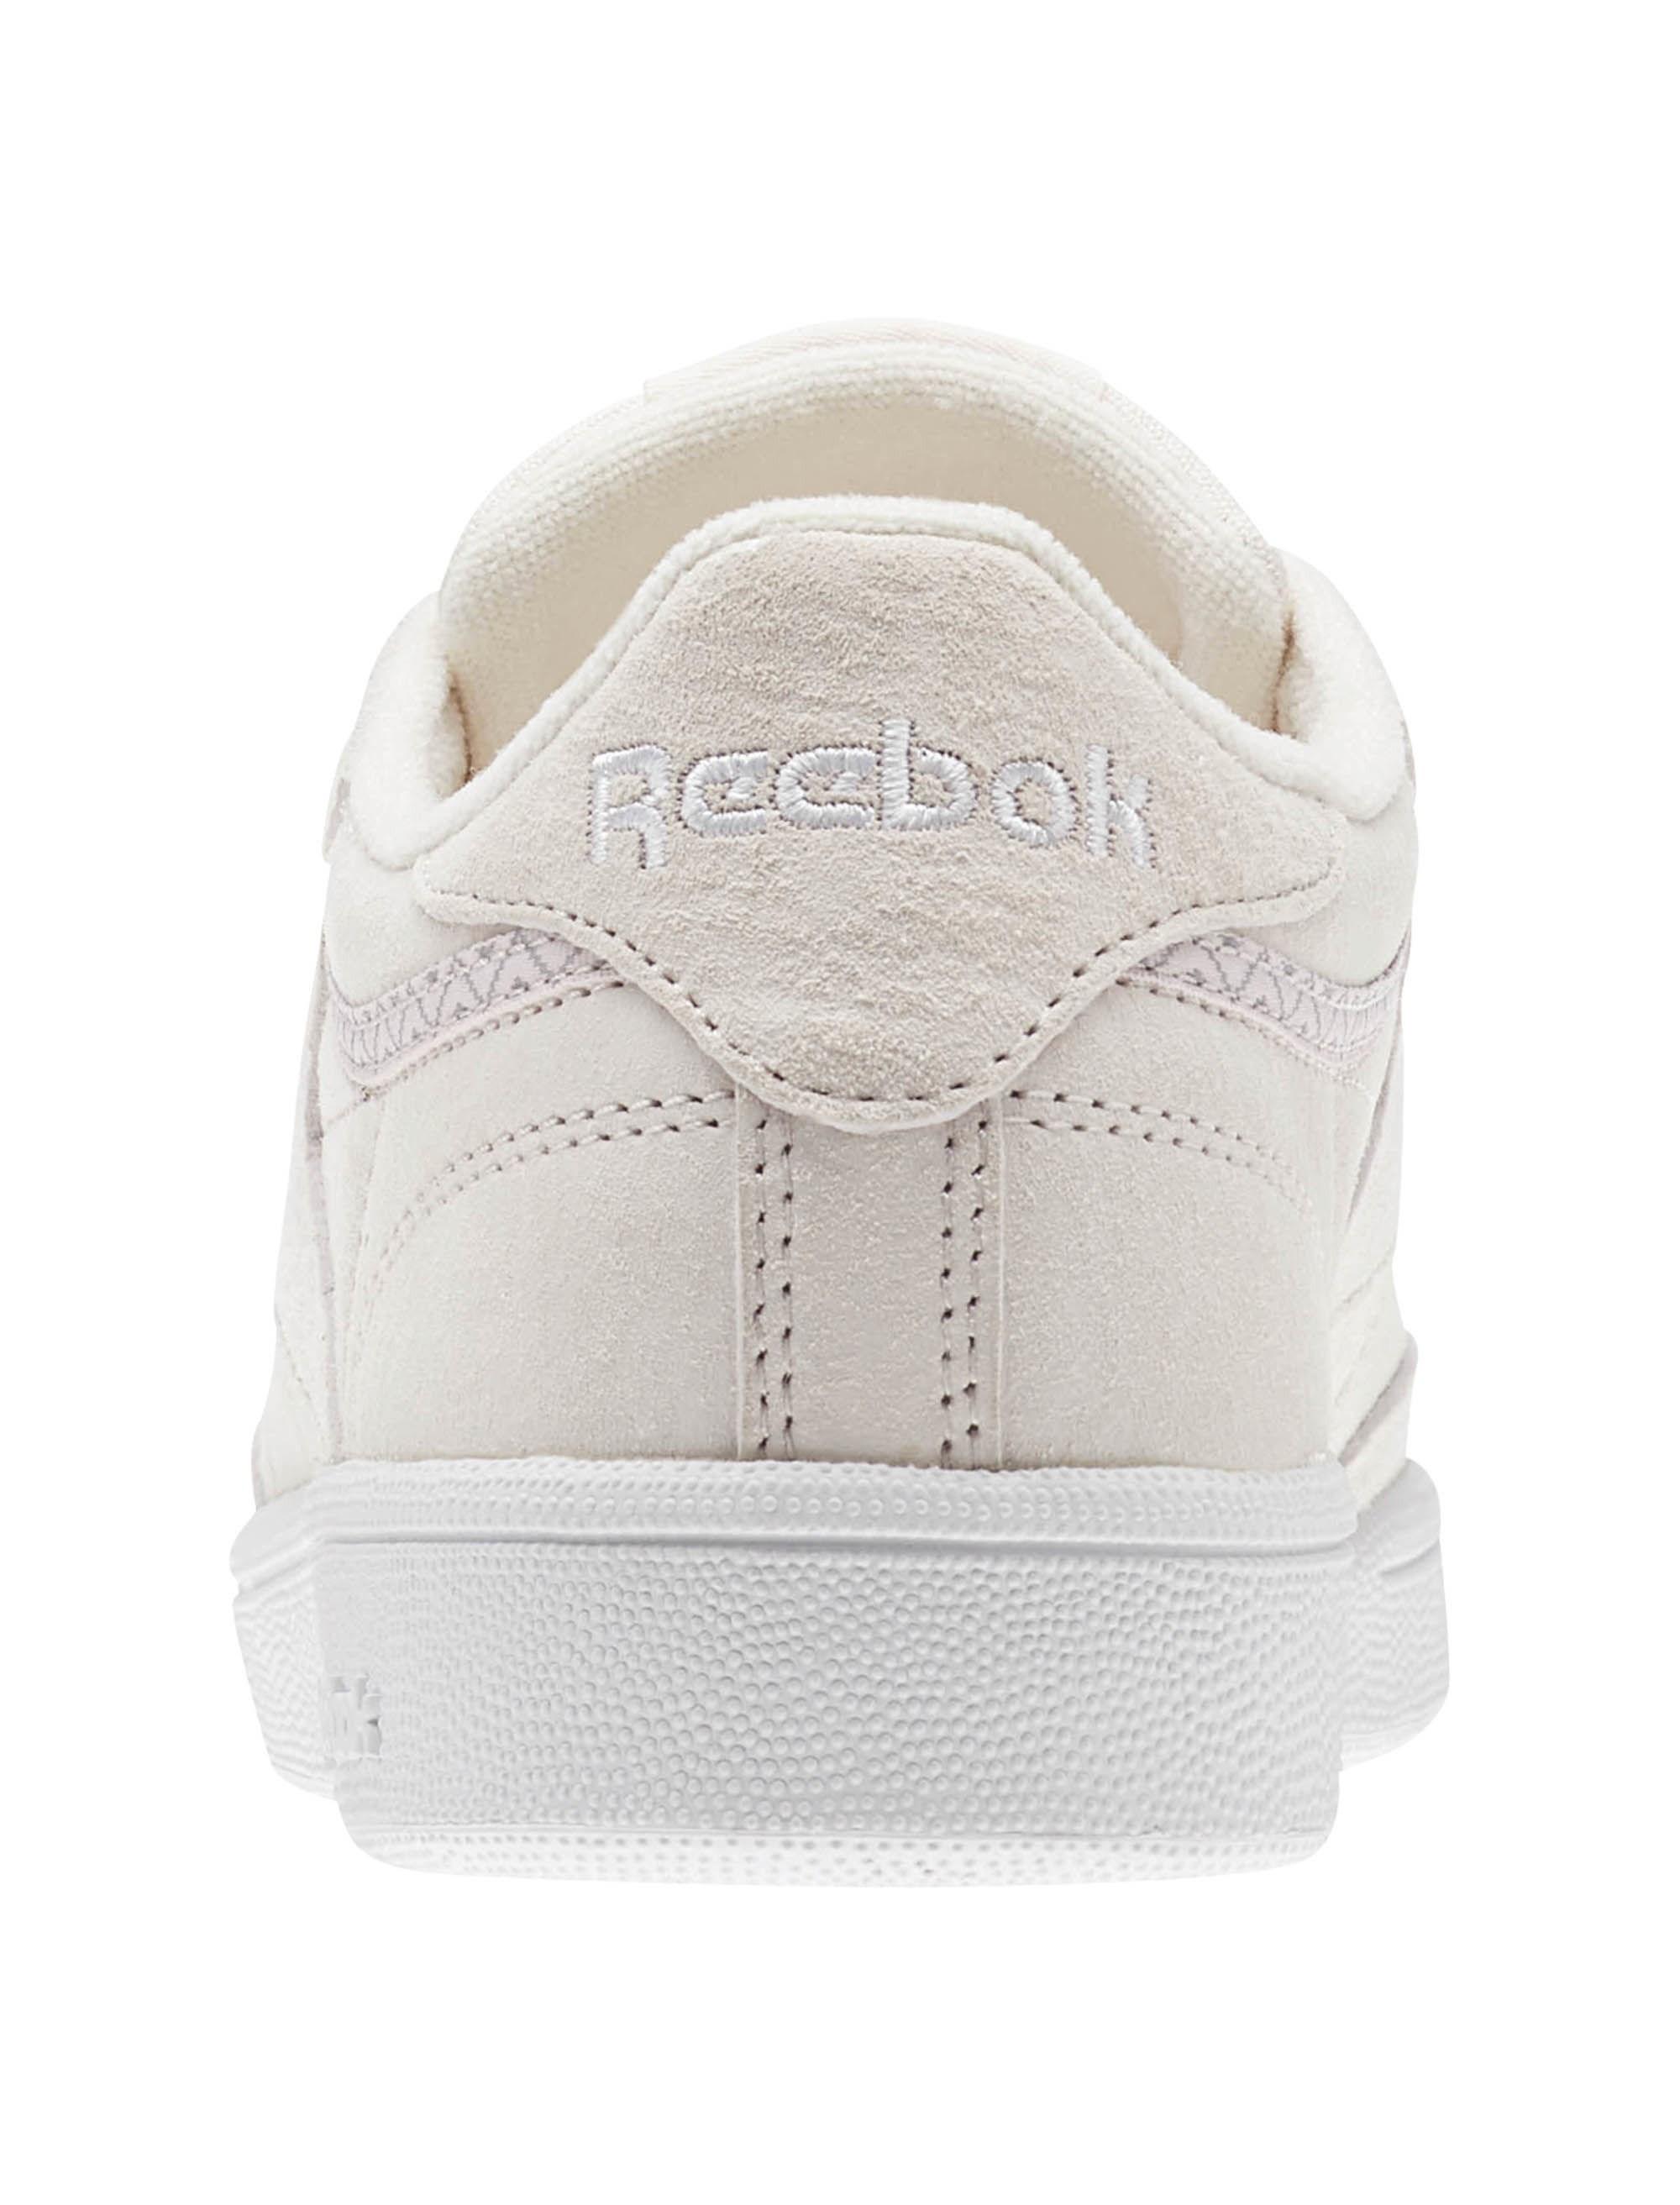 کفش زنانه ریباک مدل CLUB C 85 - صورتي روشن - 4